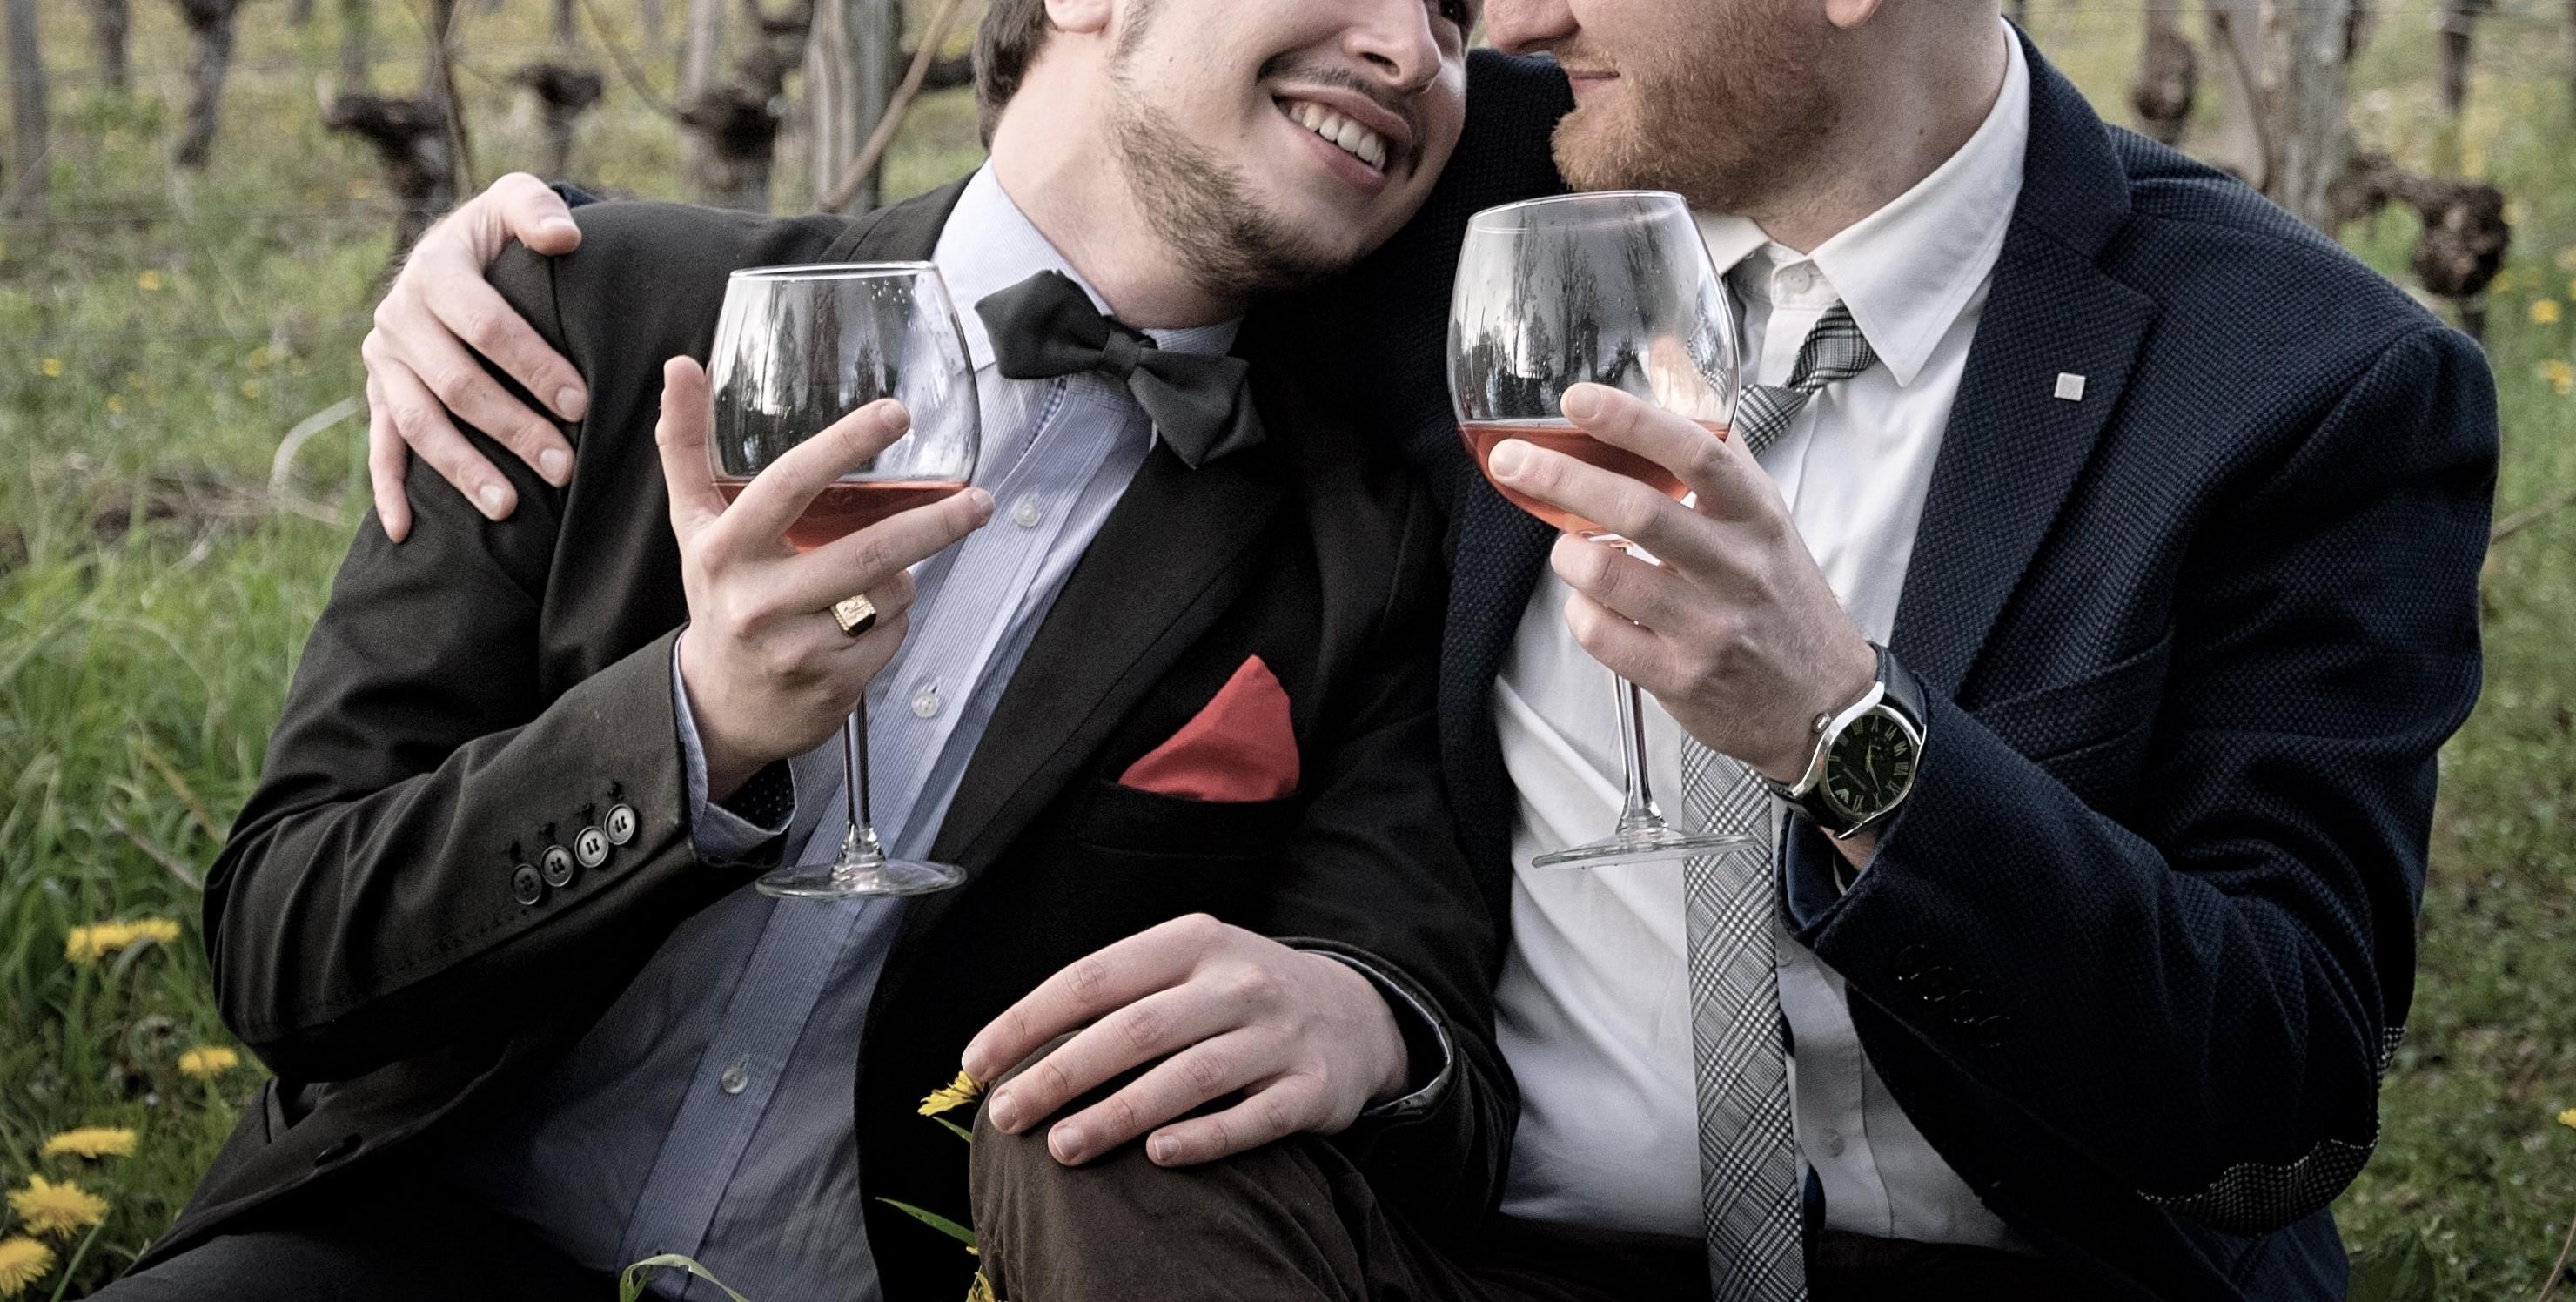 ▲同志,同性戀 。(圖/取自免費圖庫pexels)